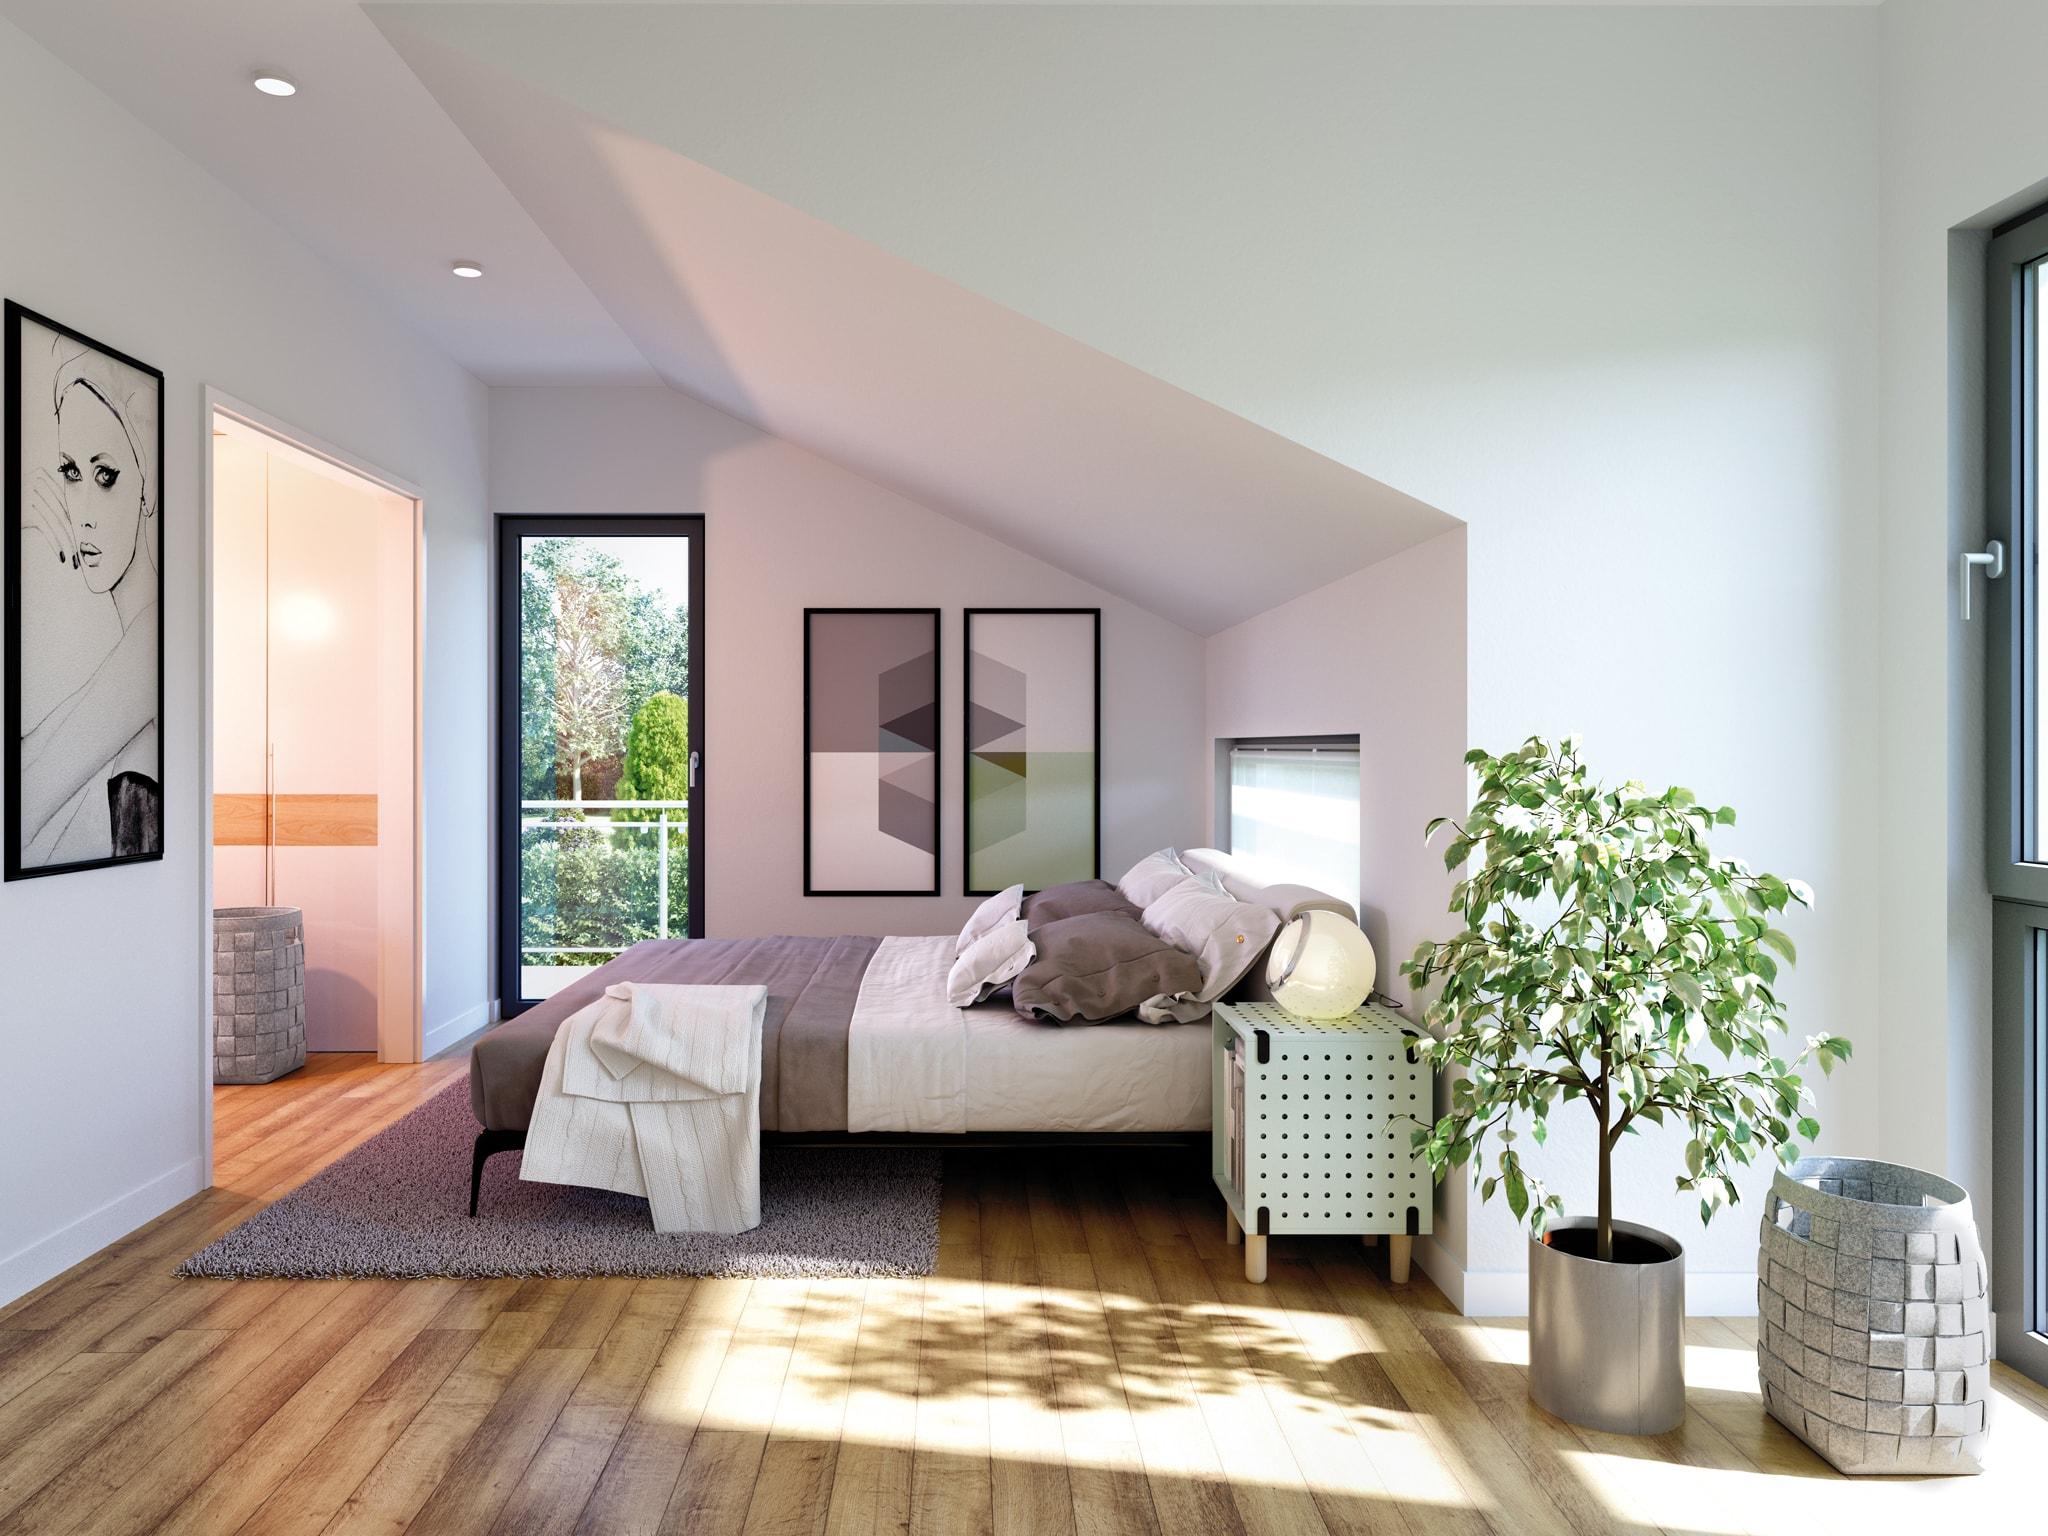 Schlafzimmer mit Dachschräge einrichten - Inneneinrichtung Ideen Fertighaus Innen Living Haus SOLUTION 230 V5 - HausbauDirekt.de